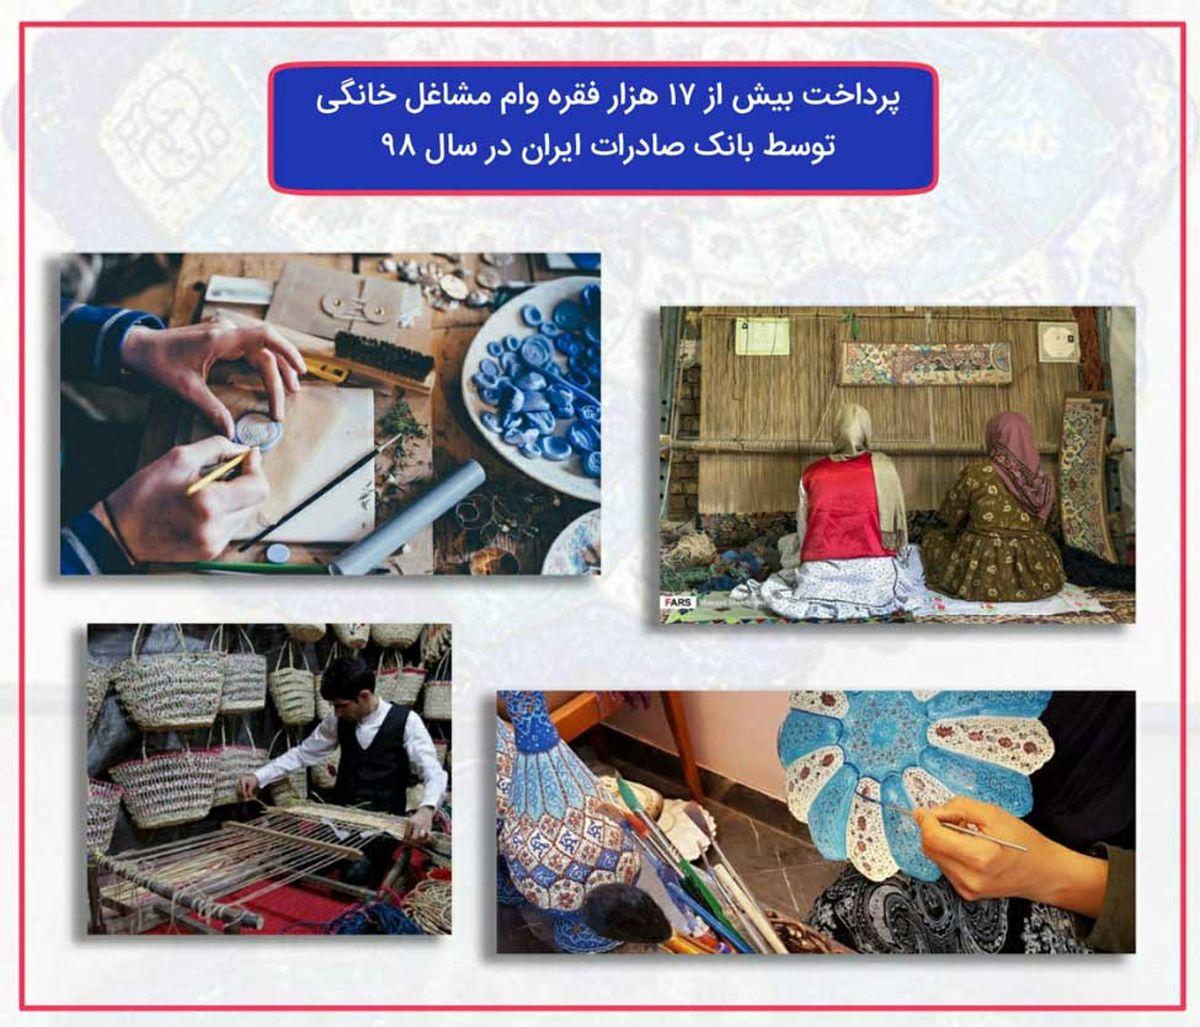 پرداخت بیش از ١٧ هزار فقره وام مشاغل خانگی توسط بانک صادرات ایران در سال ٩٨